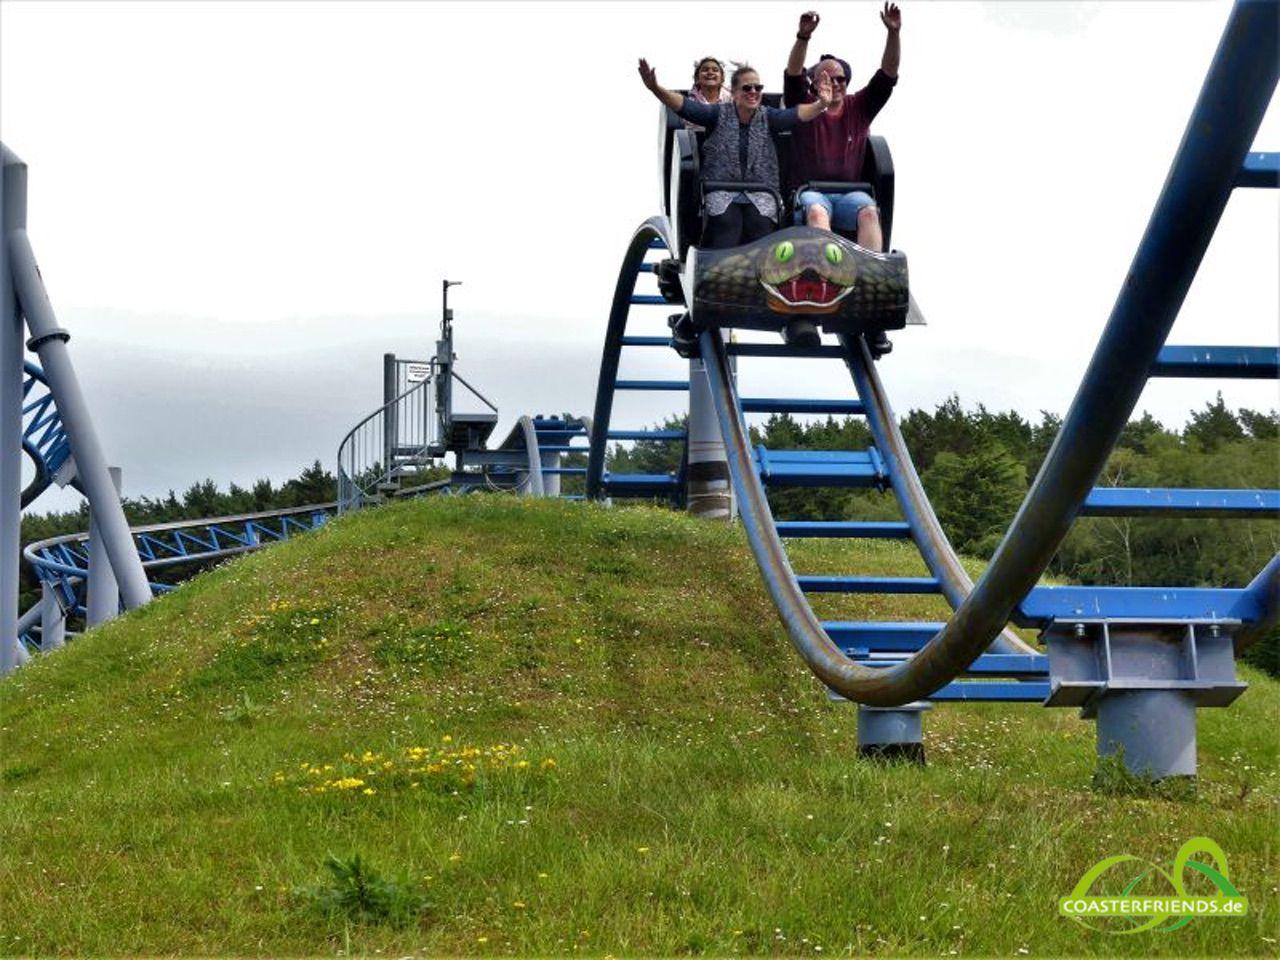 Europa - https://coasterfriends.de/joomla//images/pcp_parkdetails/europa/o2182_paultons_park/content3.jpg